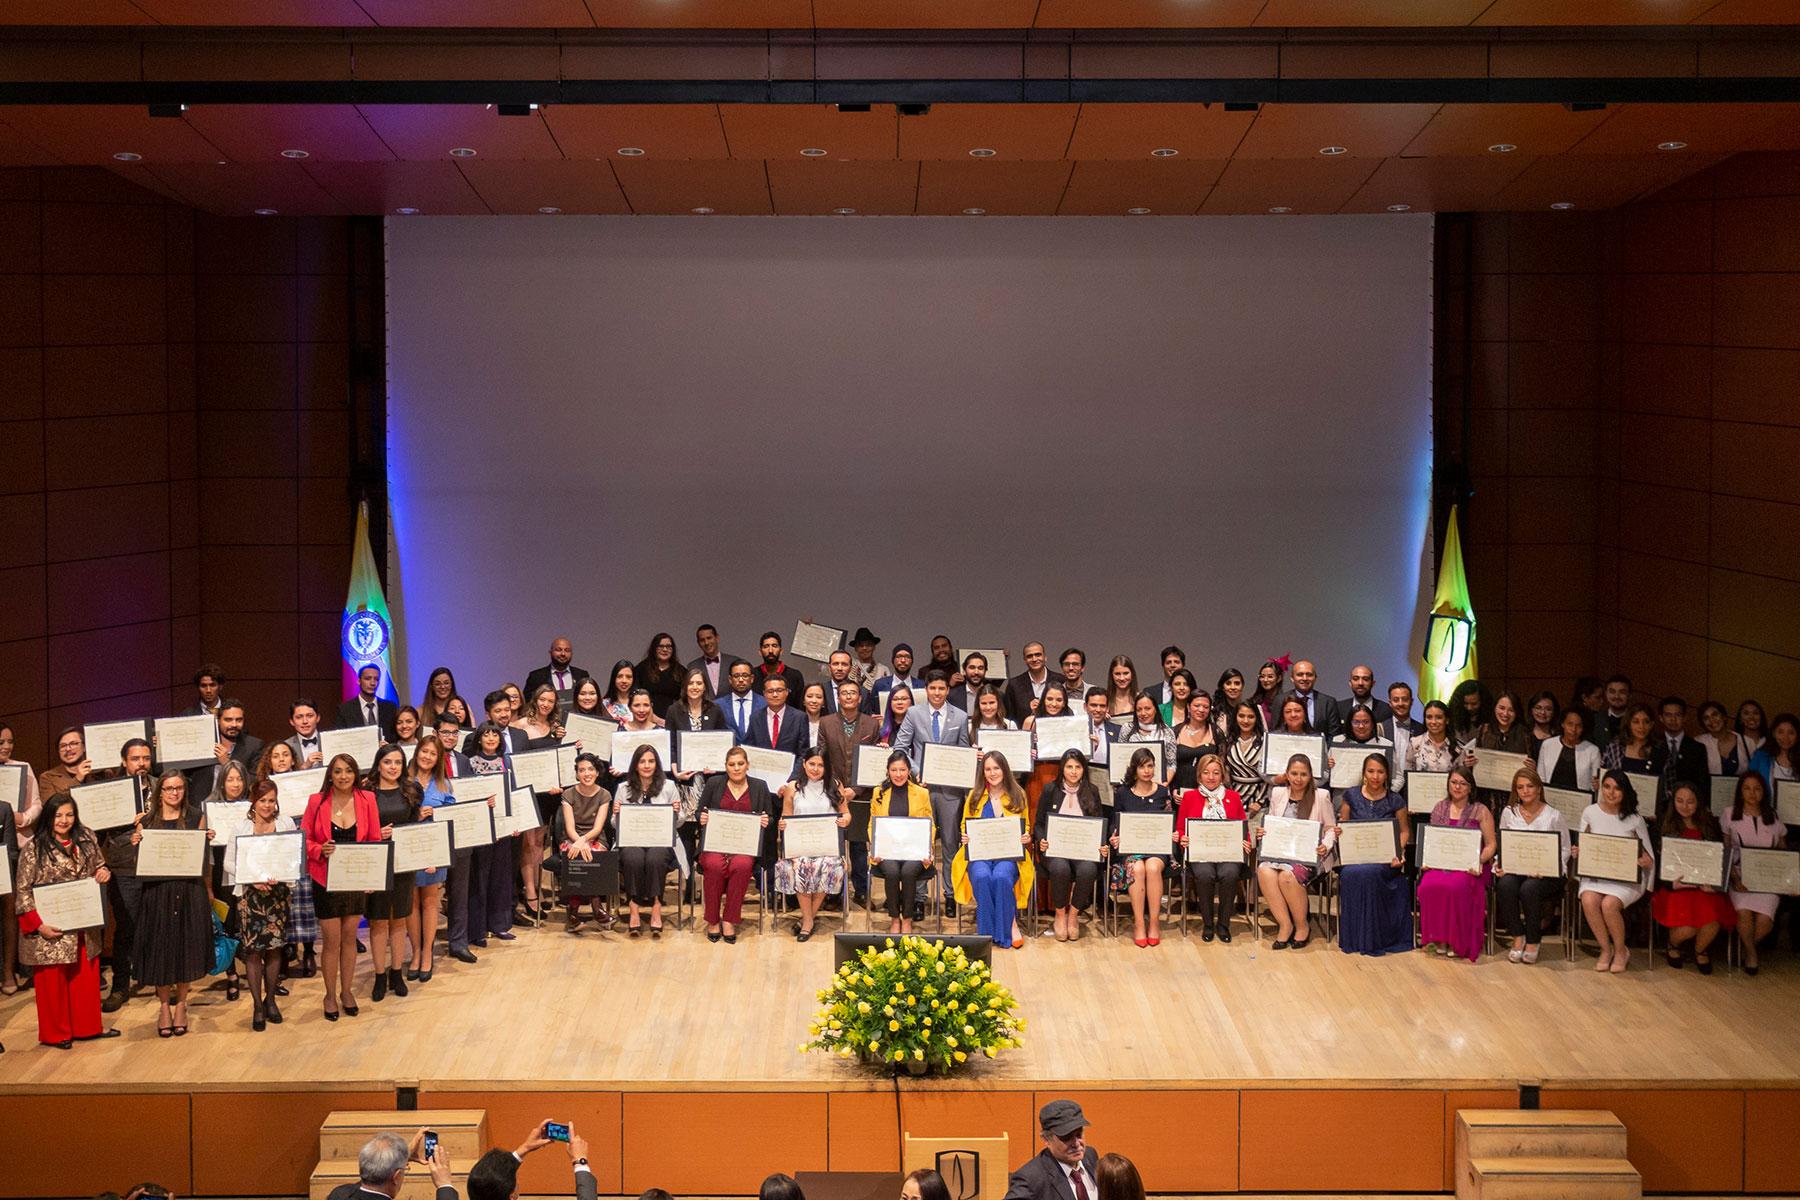 Graduandos ceremonia de posgrados posando en grupo para foto